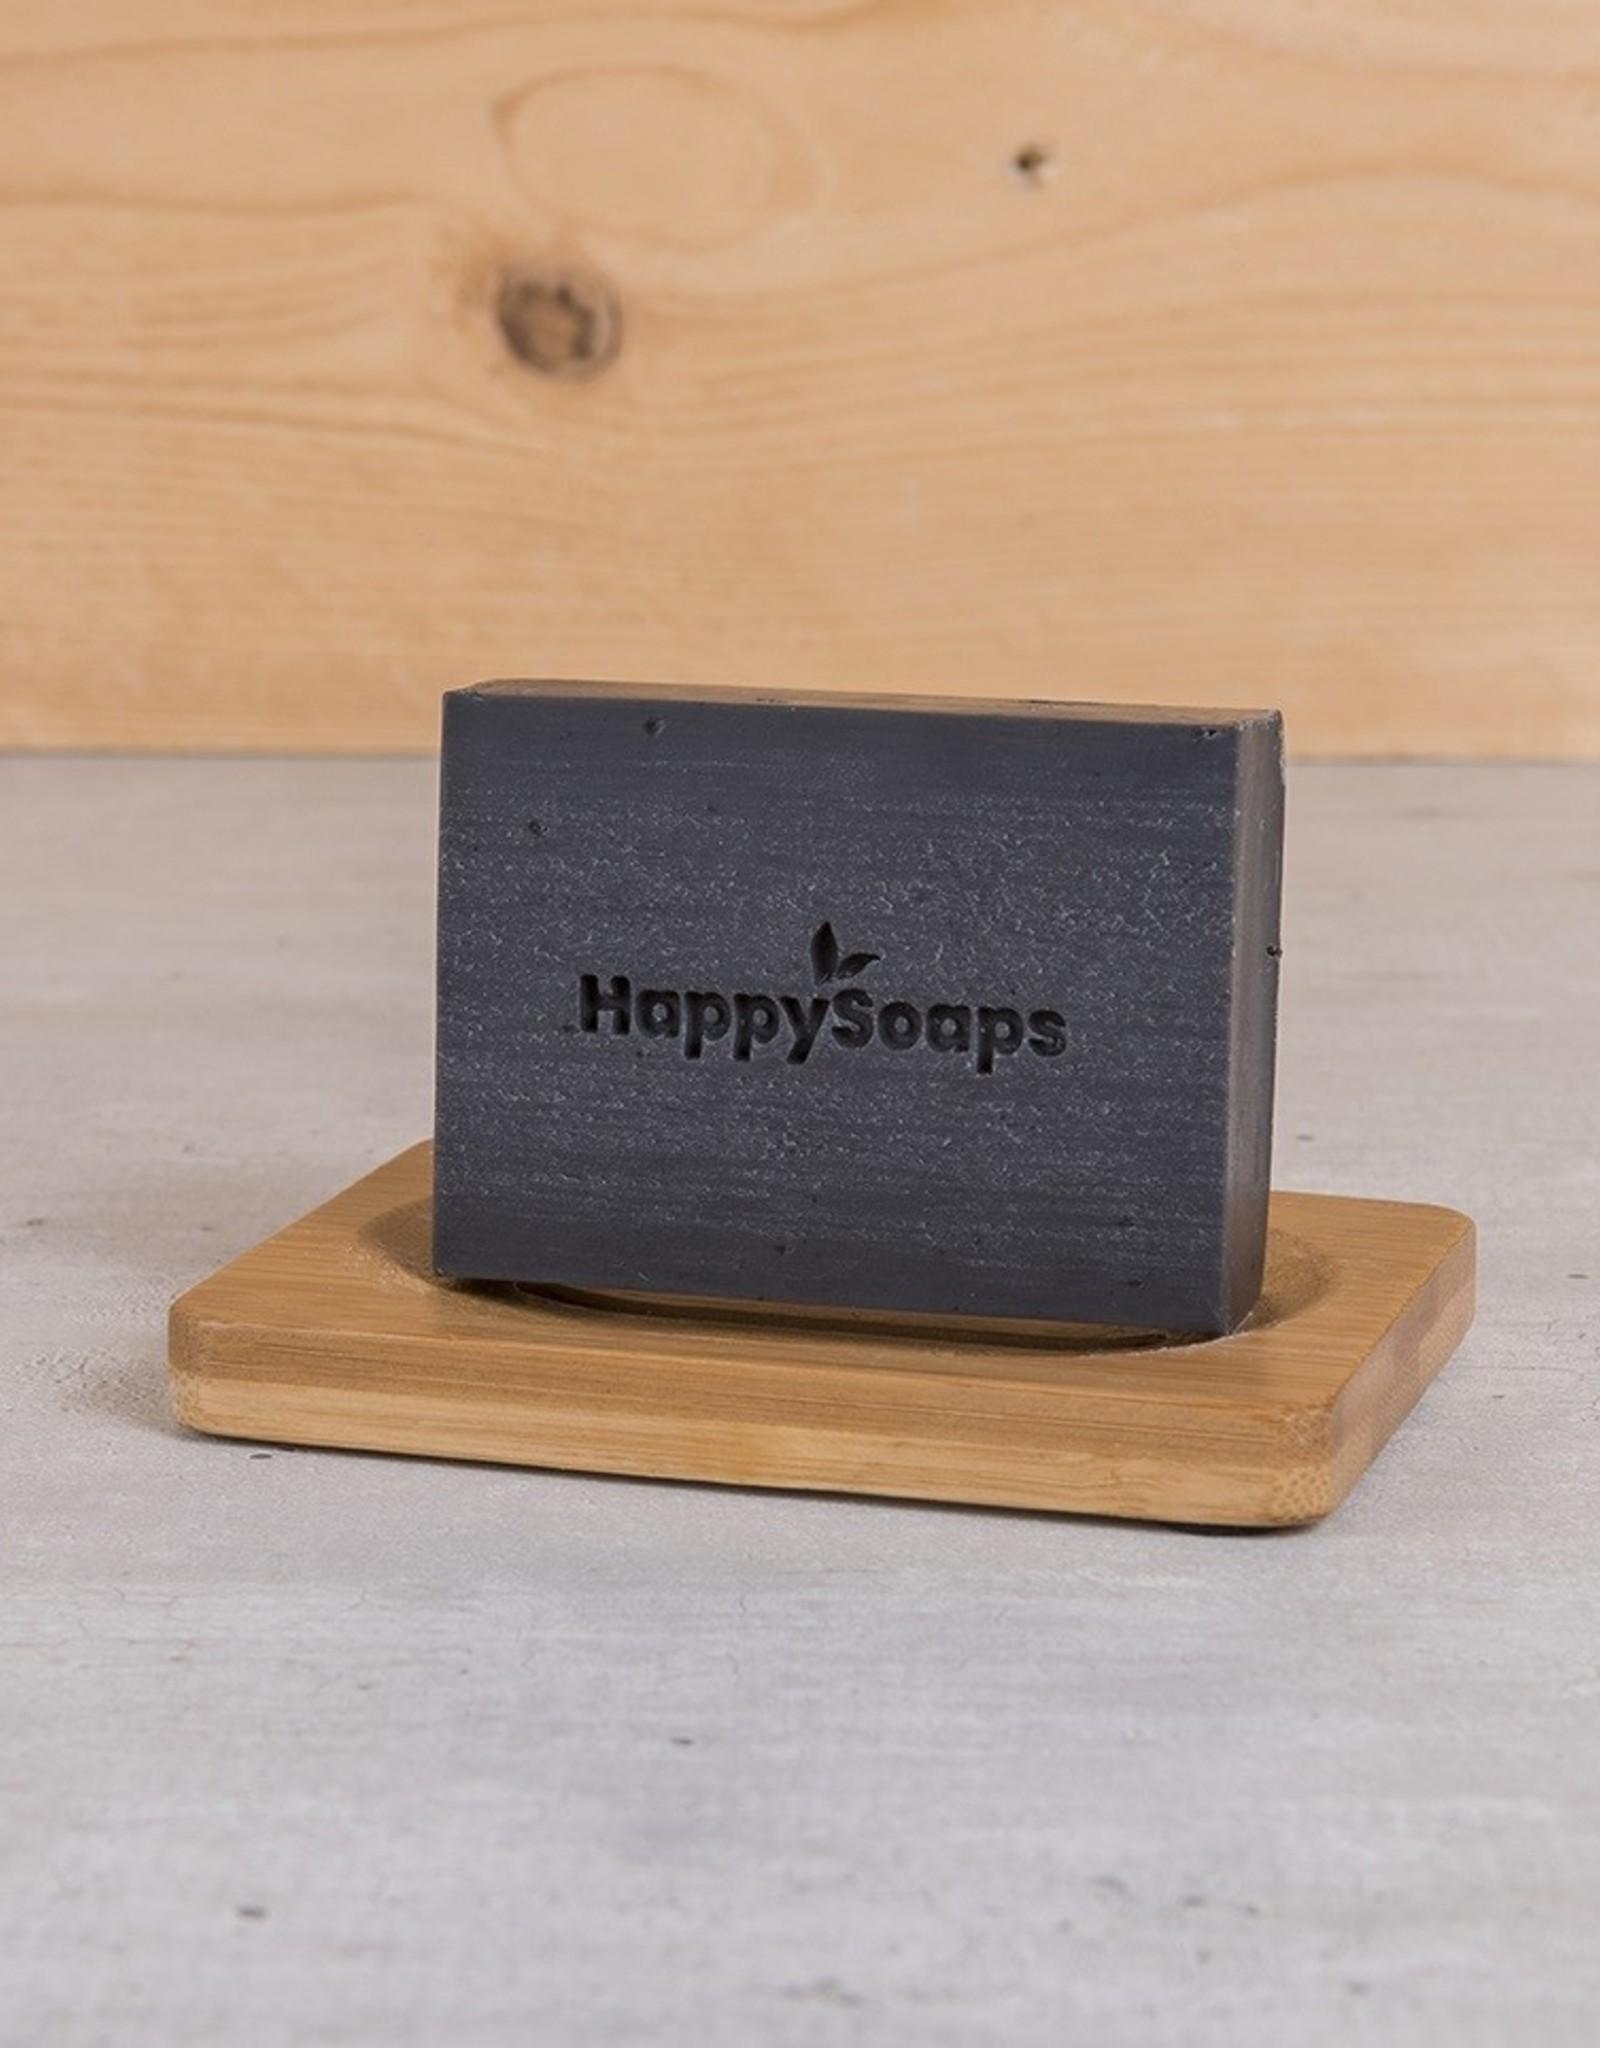 HappySoaps Happy Body Bar kruidnagel en Salie 100gram - HappySoaps